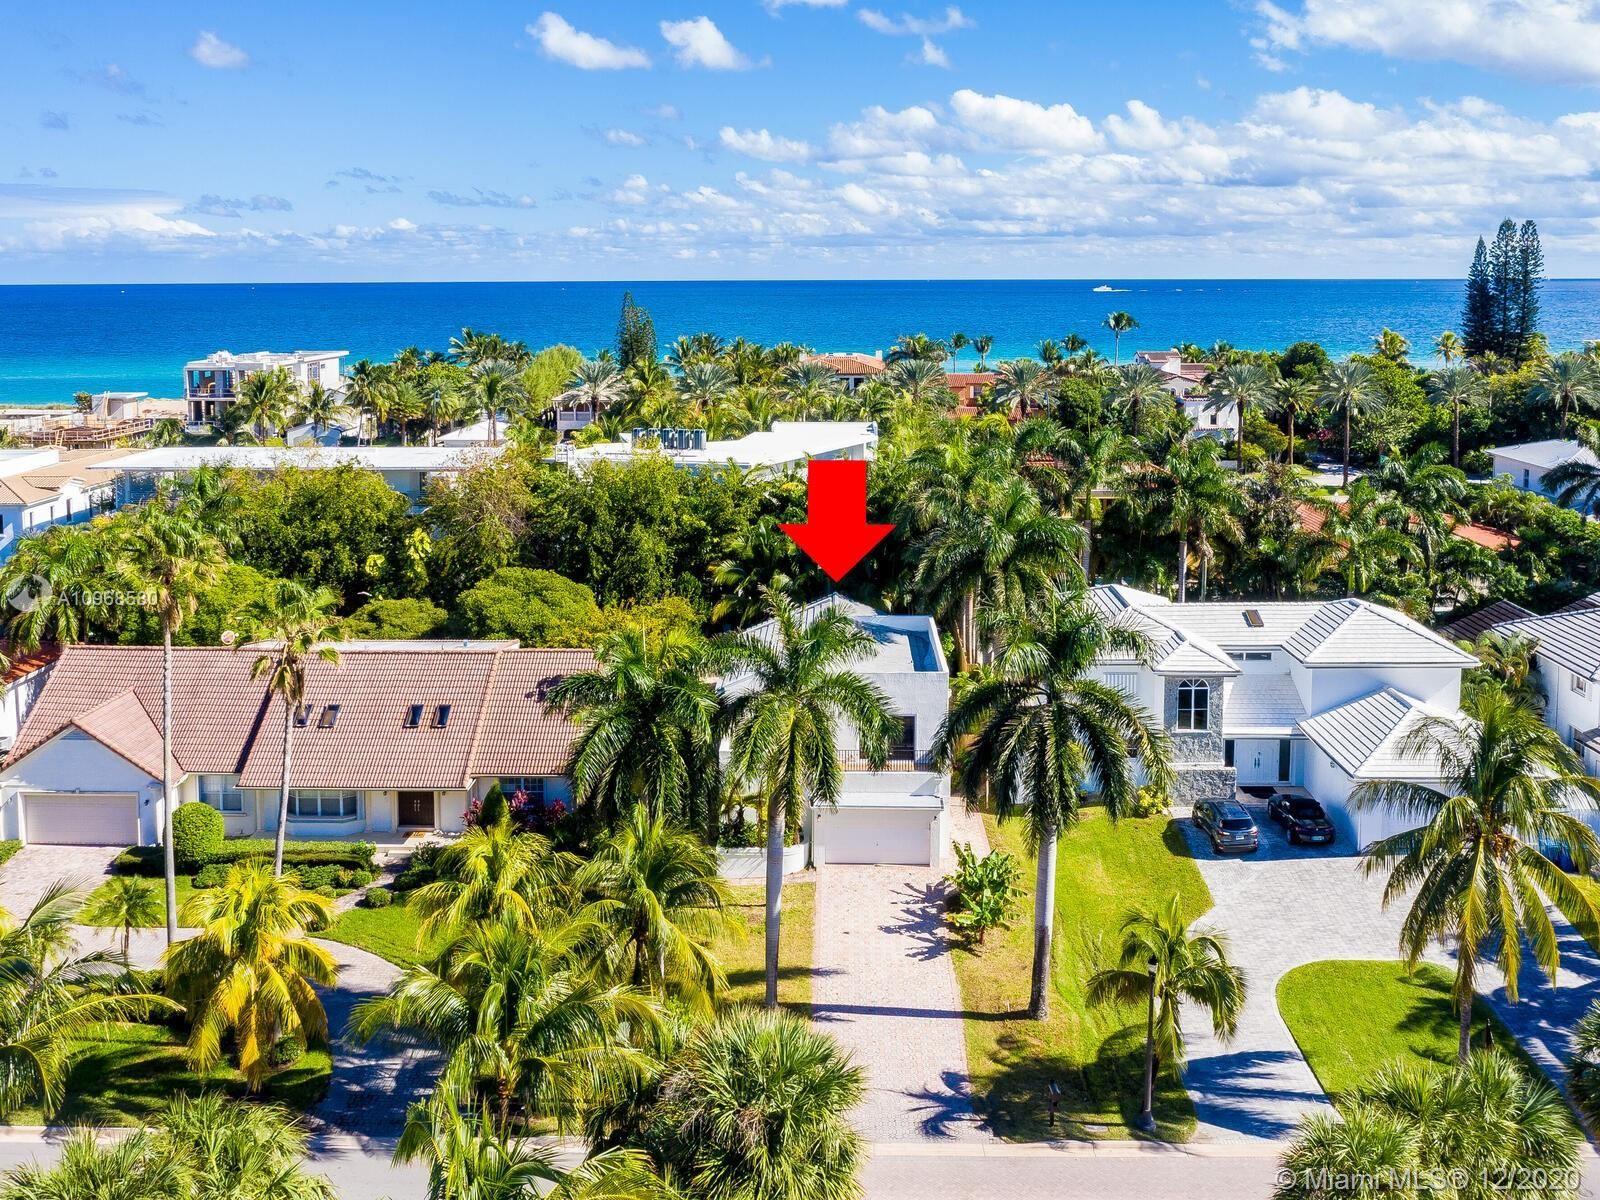 Photo of 469 Golden Beach Dr, Golden Beach, FL 33160 (MLS # A10968580)